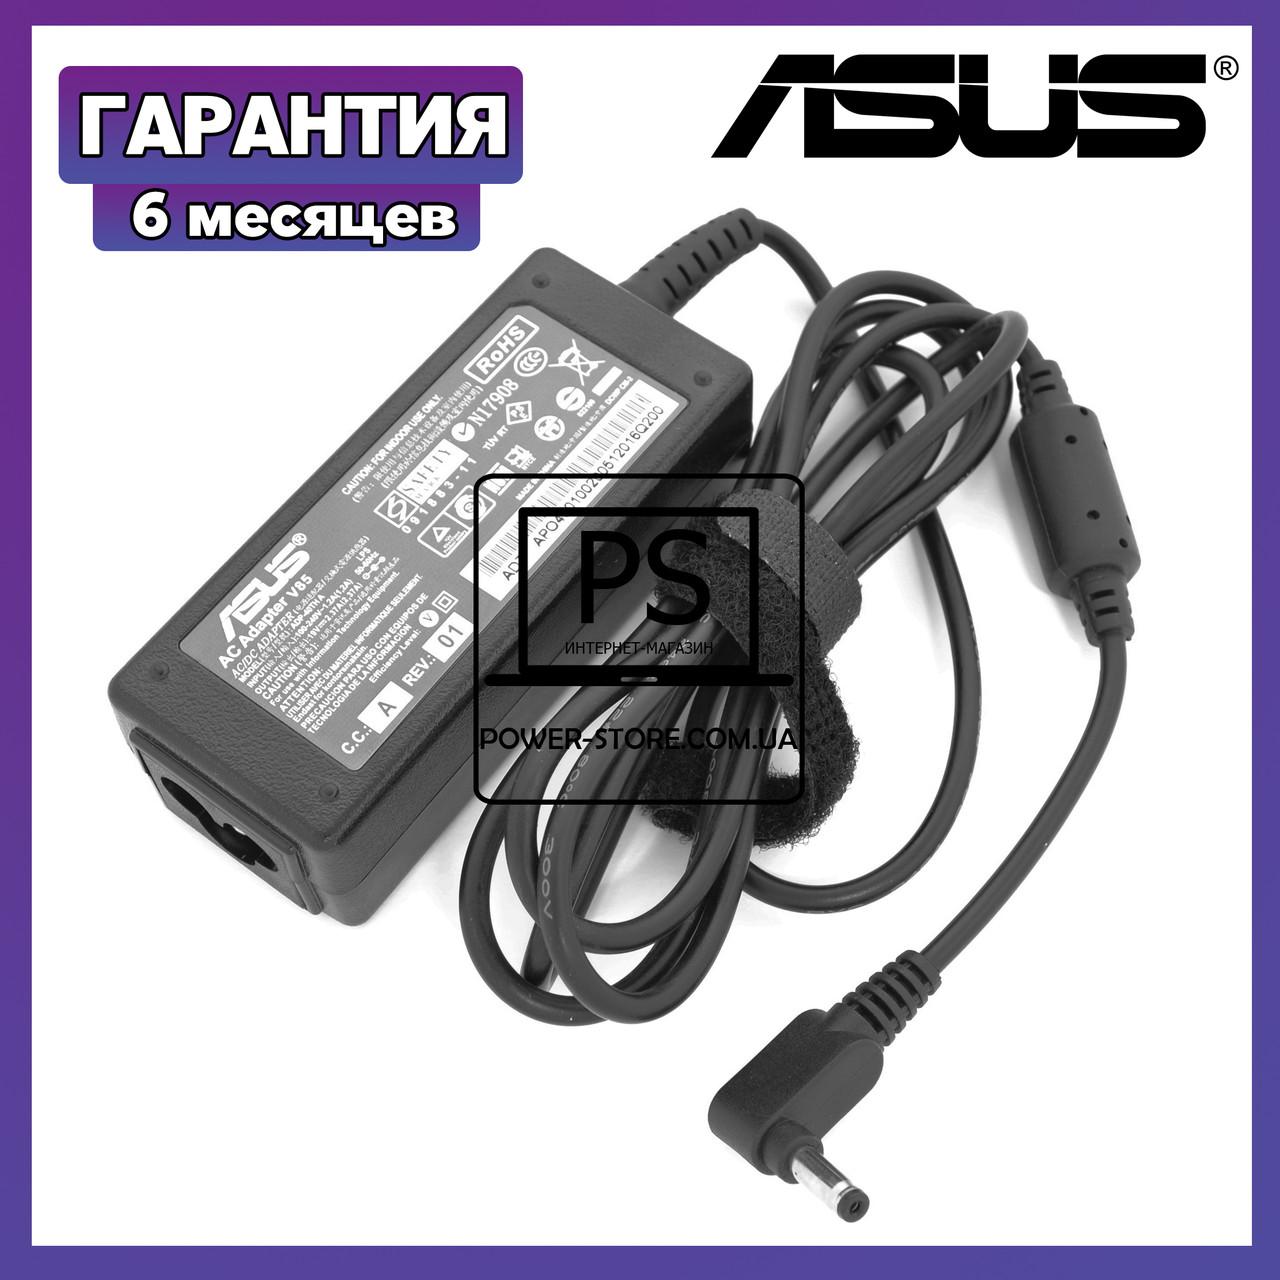 Блок питания зарядное устройство для ноутбука ASUS 19V 2.37A 45W 4.0x1.35